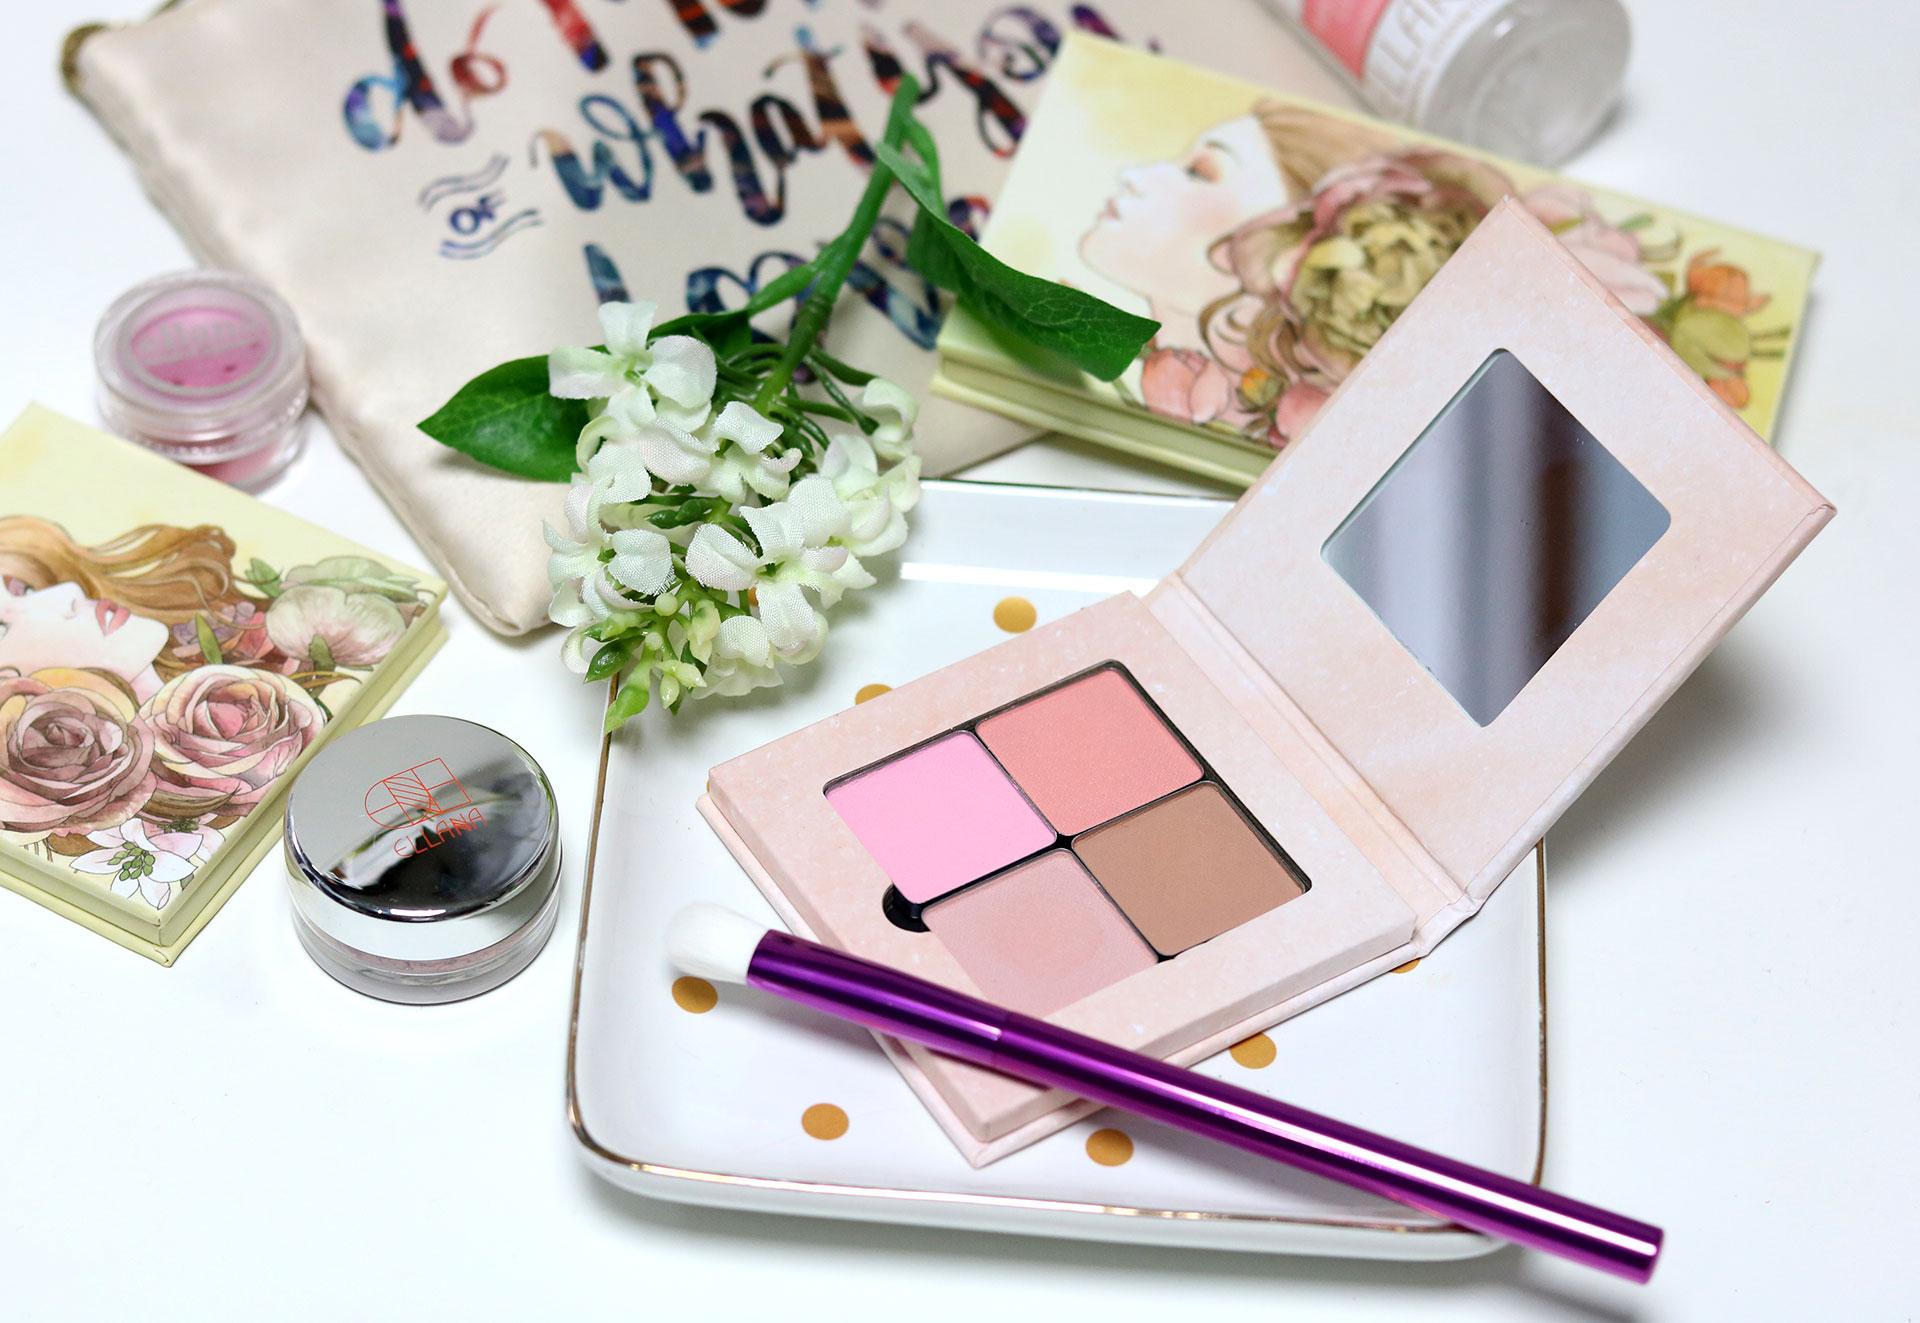 6 Ellana Cosmetics Multipurpose Pressed Pigments